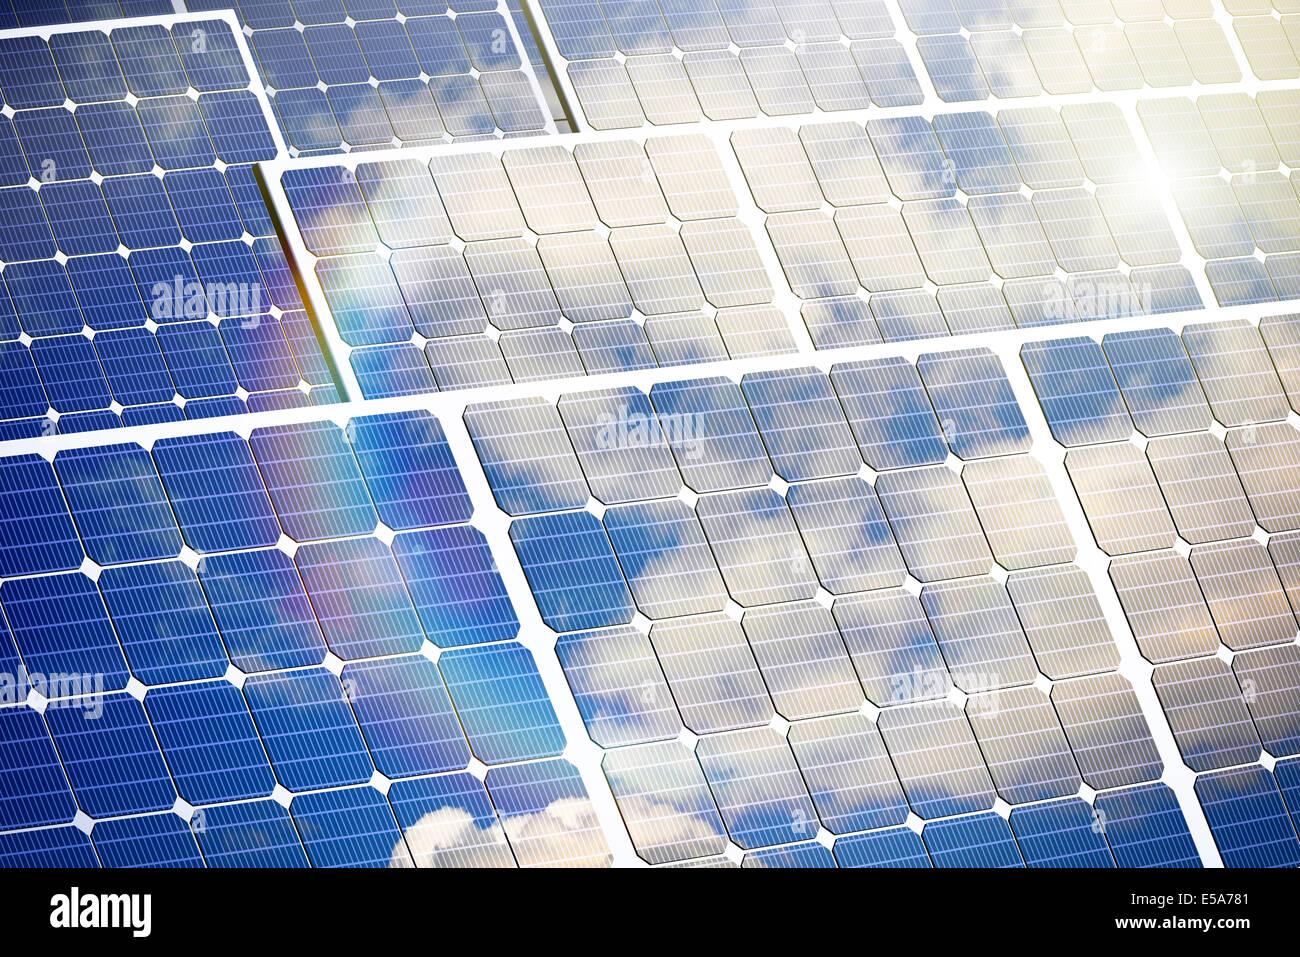 L'énergie renouvelable, illustration d'un des panneaux de cellules solaires Photo Stock